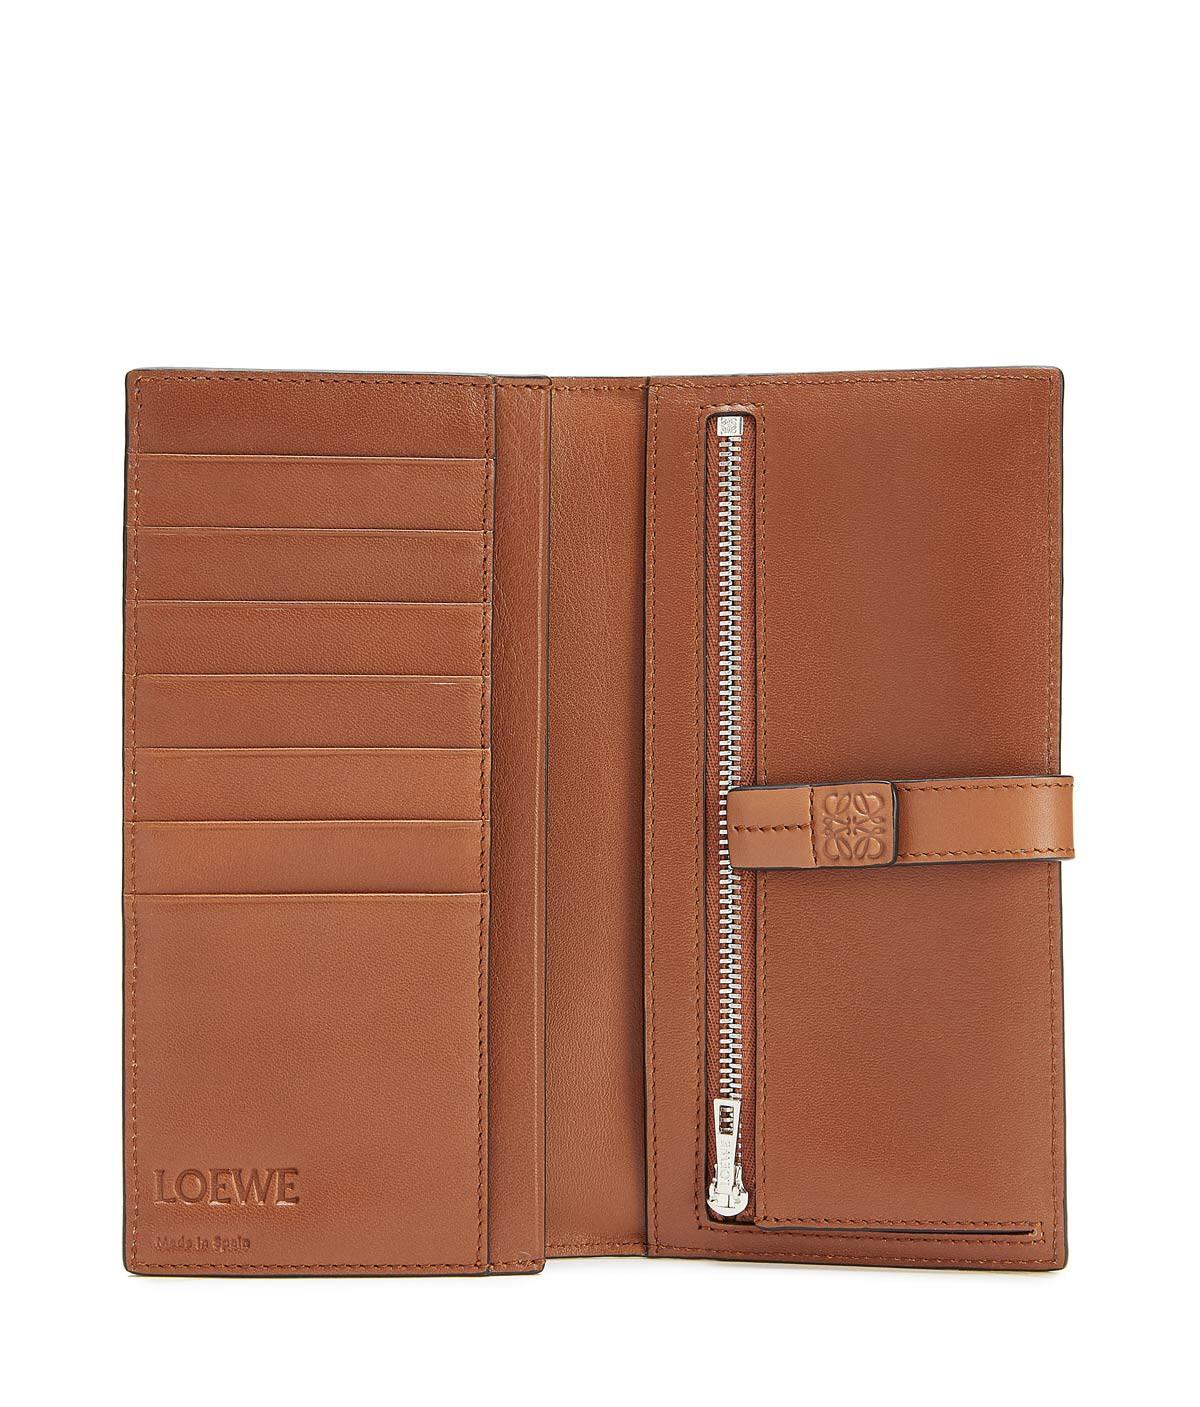 LOEWE Large Vertical Wallet Steel Blue/Tan front